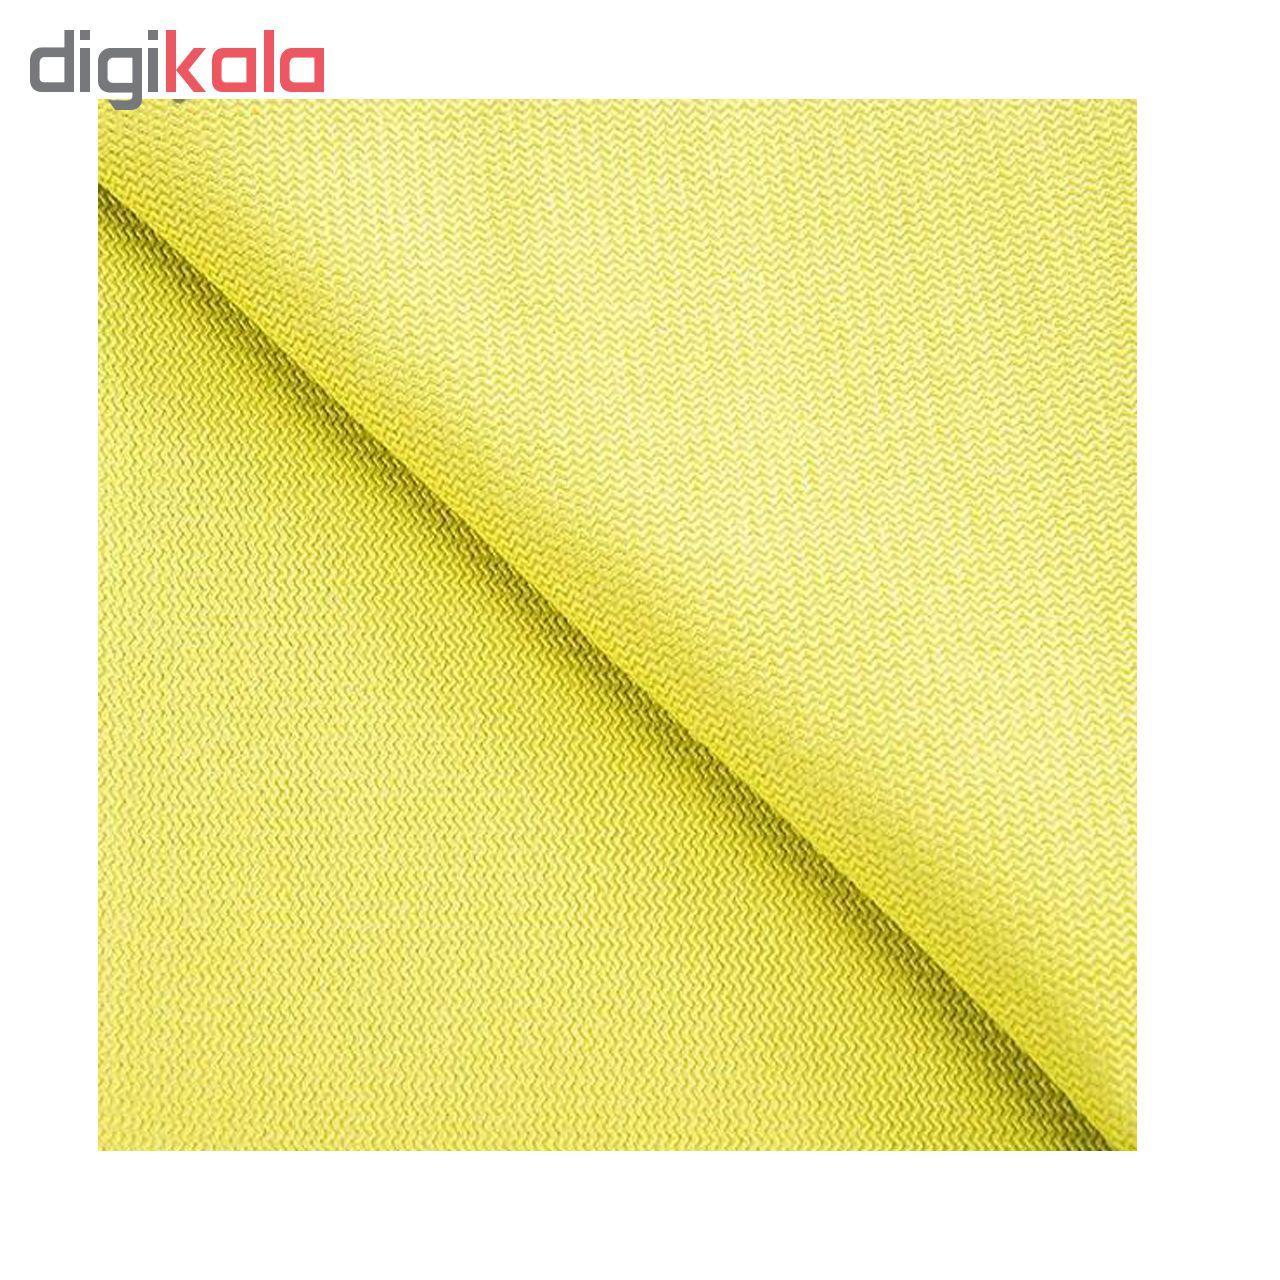 دستمال میکروفایبر ناژه مخصوص شیشه کد 01 main 1 2